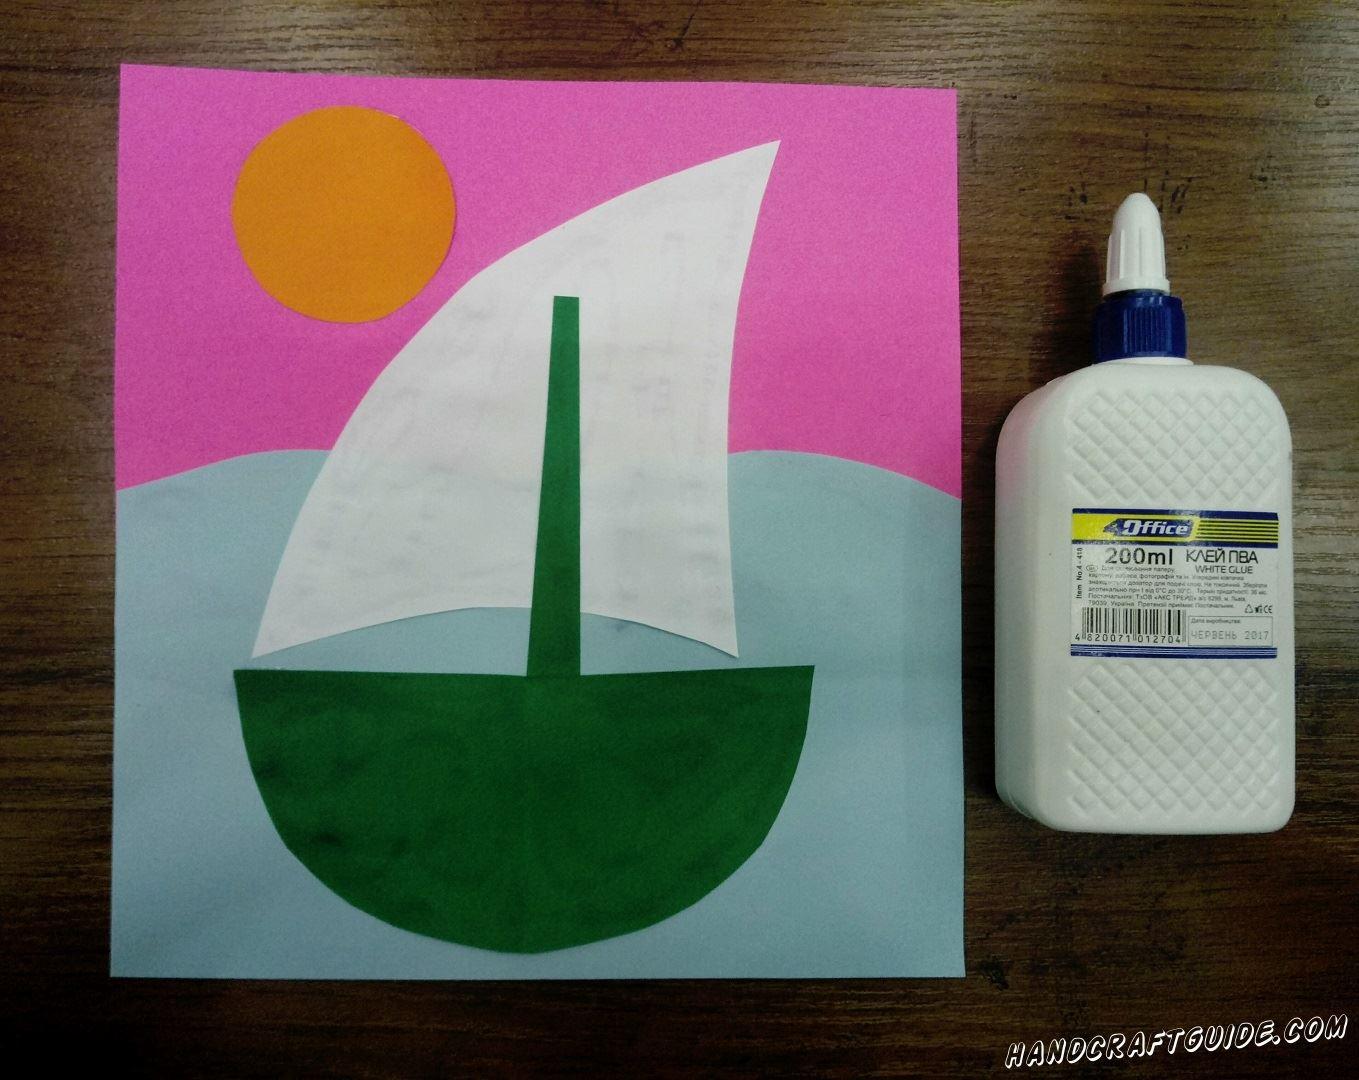 Осталось только приклеить солнышко, в уголке, и красиво разрисовать фломастерами